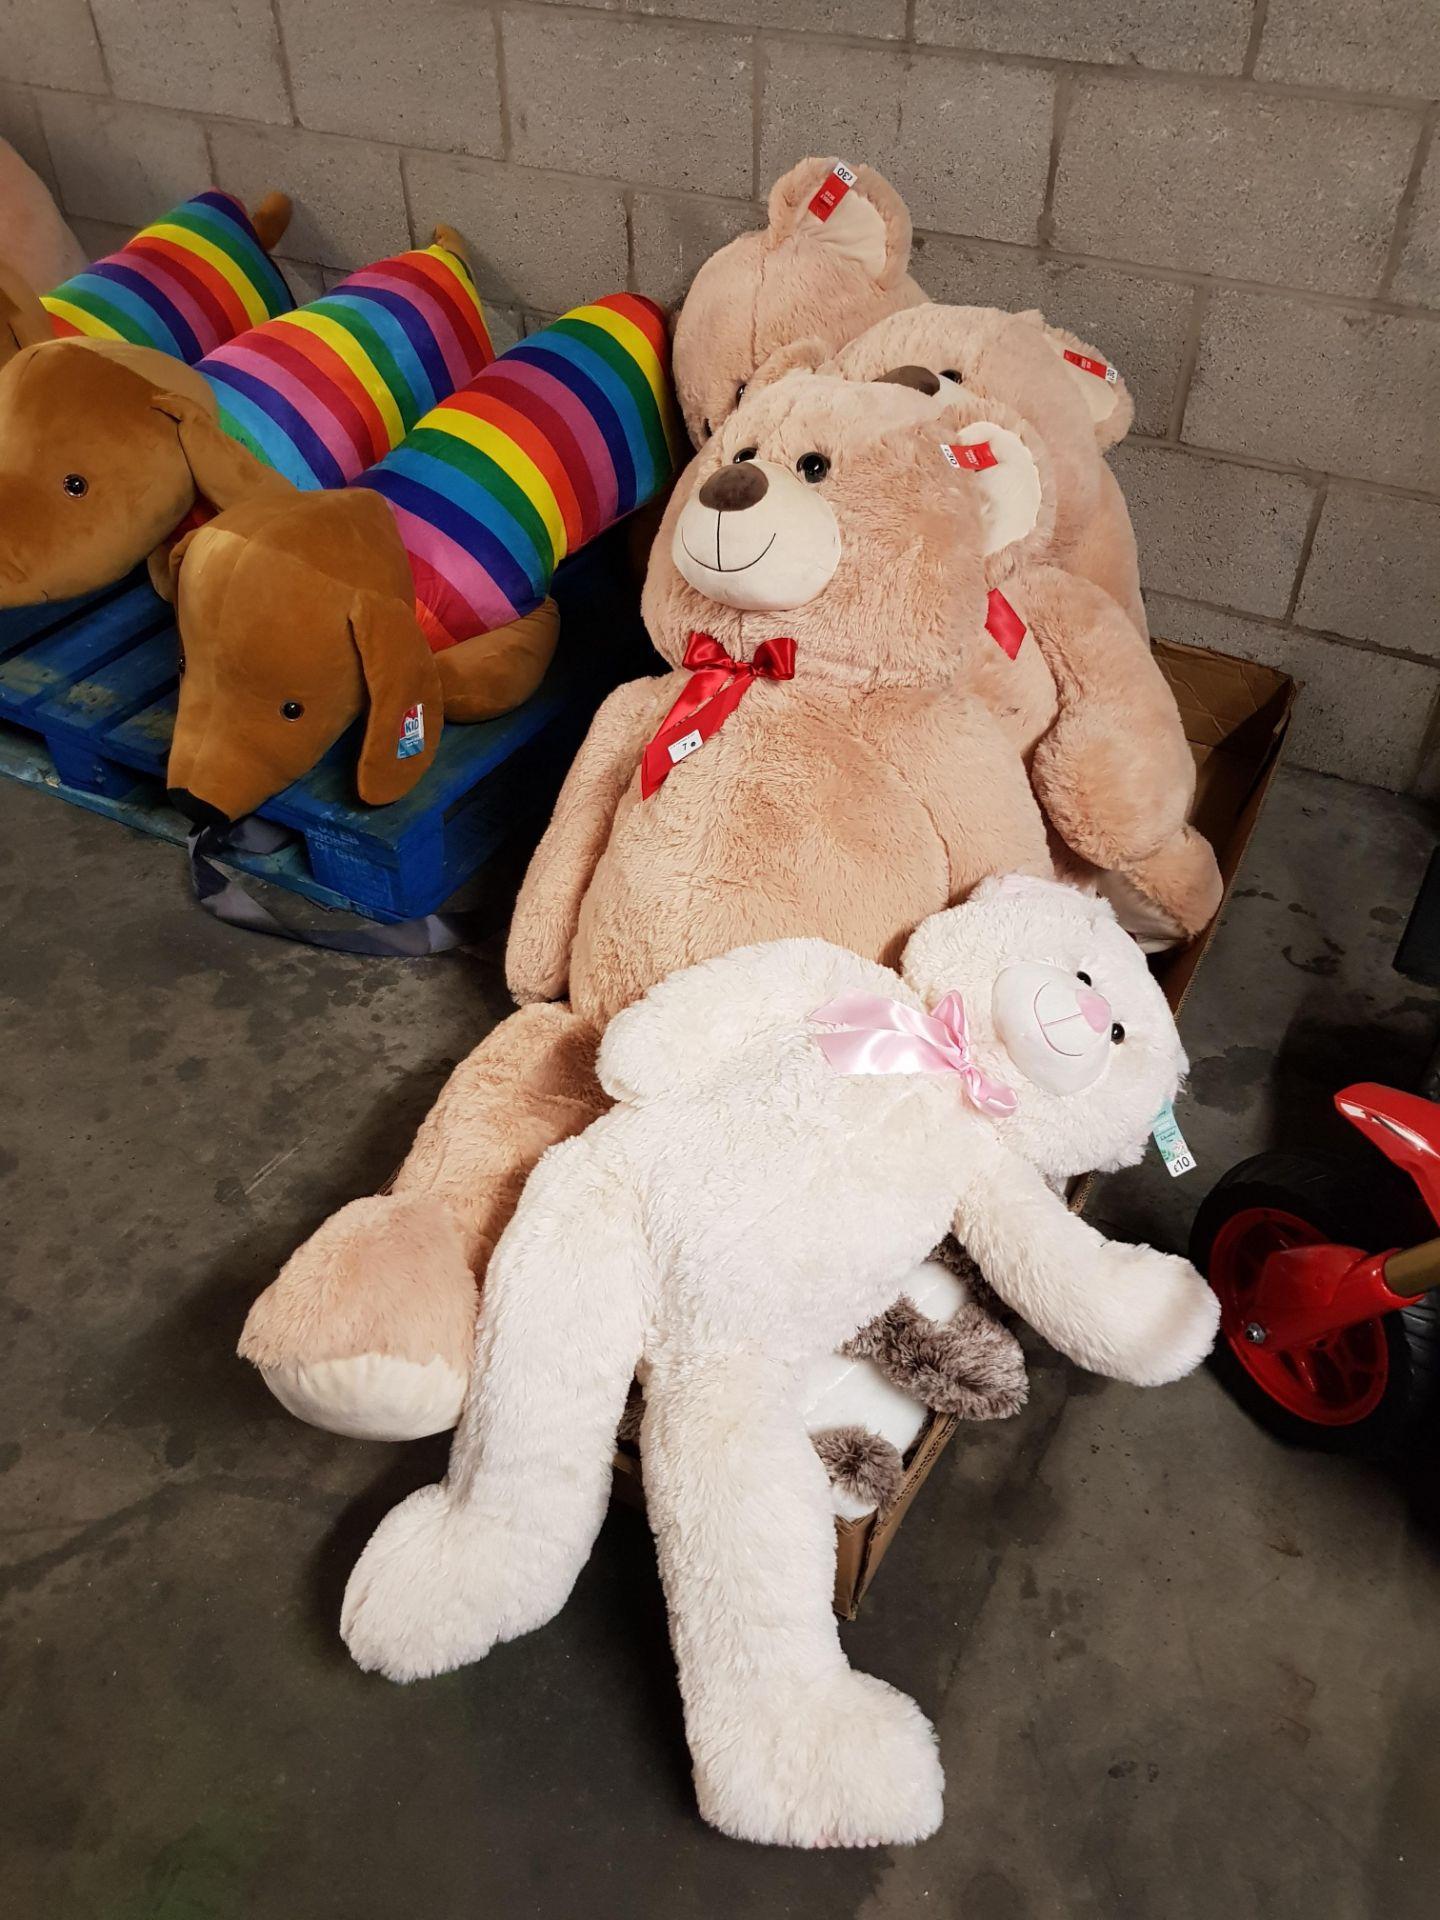 Lot 7 - 3 x GIANT TEDDY BEARS & 1 x LARGE TEDDY BEAR